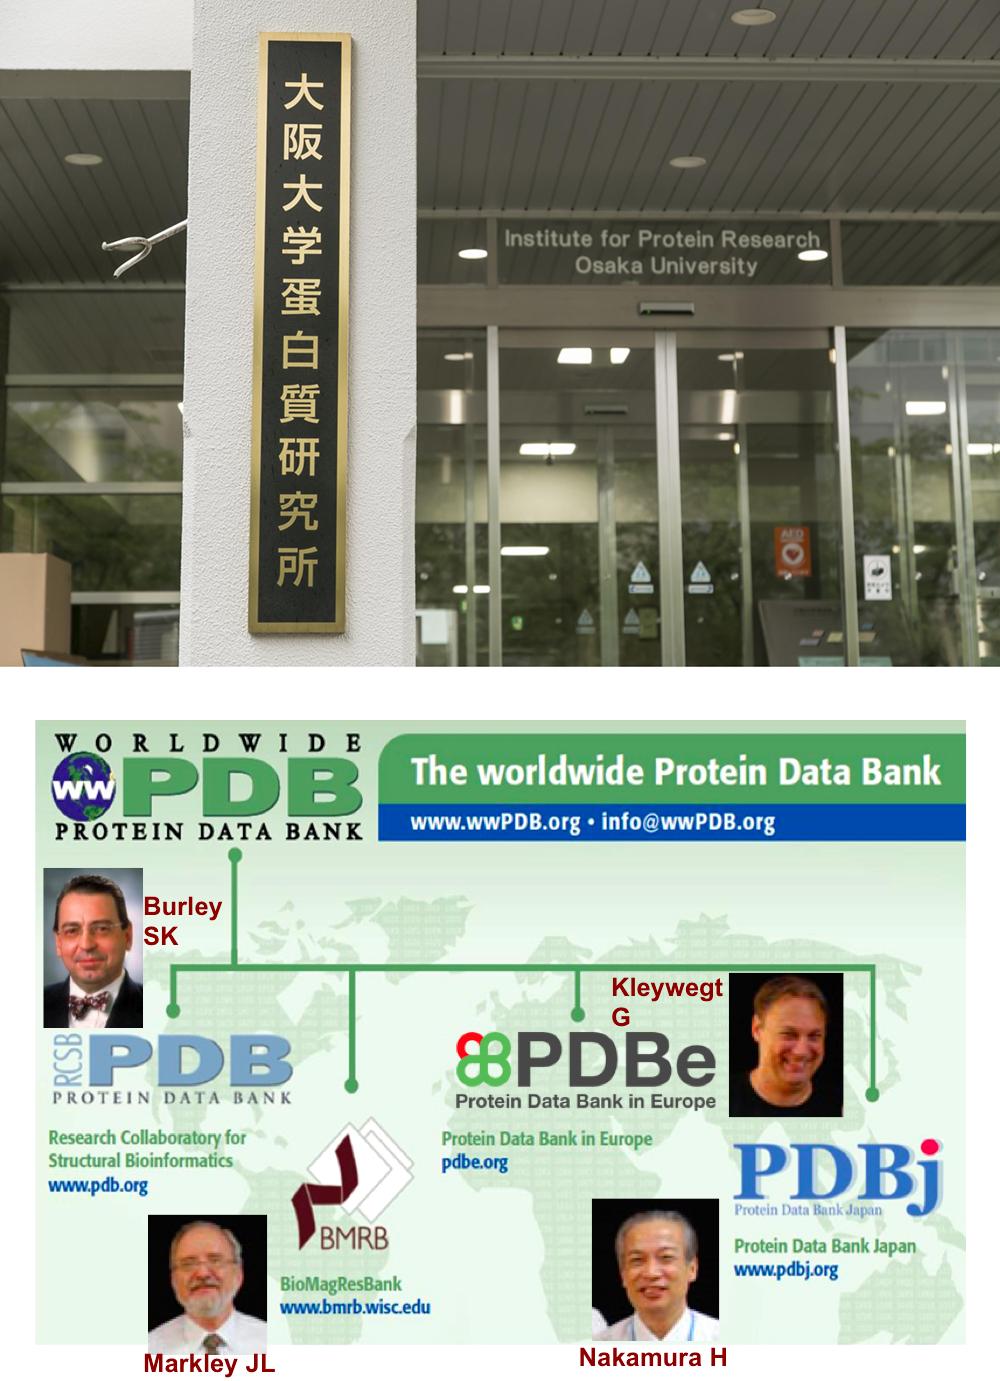 大阪大学の吹田キャンパス、「大阪大学蛋白質研究所」内にある「日本蛋白質構造データバンク(PDBj)」は、米国のRCSB-PDB、BMRB、EUのPDBeとともに世界の4拠点の一つとして、主にアジアの研究者から寄せられた膨大な量の蛋白質の3次元構造データの登録・編集・公開を行っている。中村教授はPDBjのトップとして、米国と欧州のPDBとテレビ電話で連絡をとりあいながら、協調して運営を行っている。